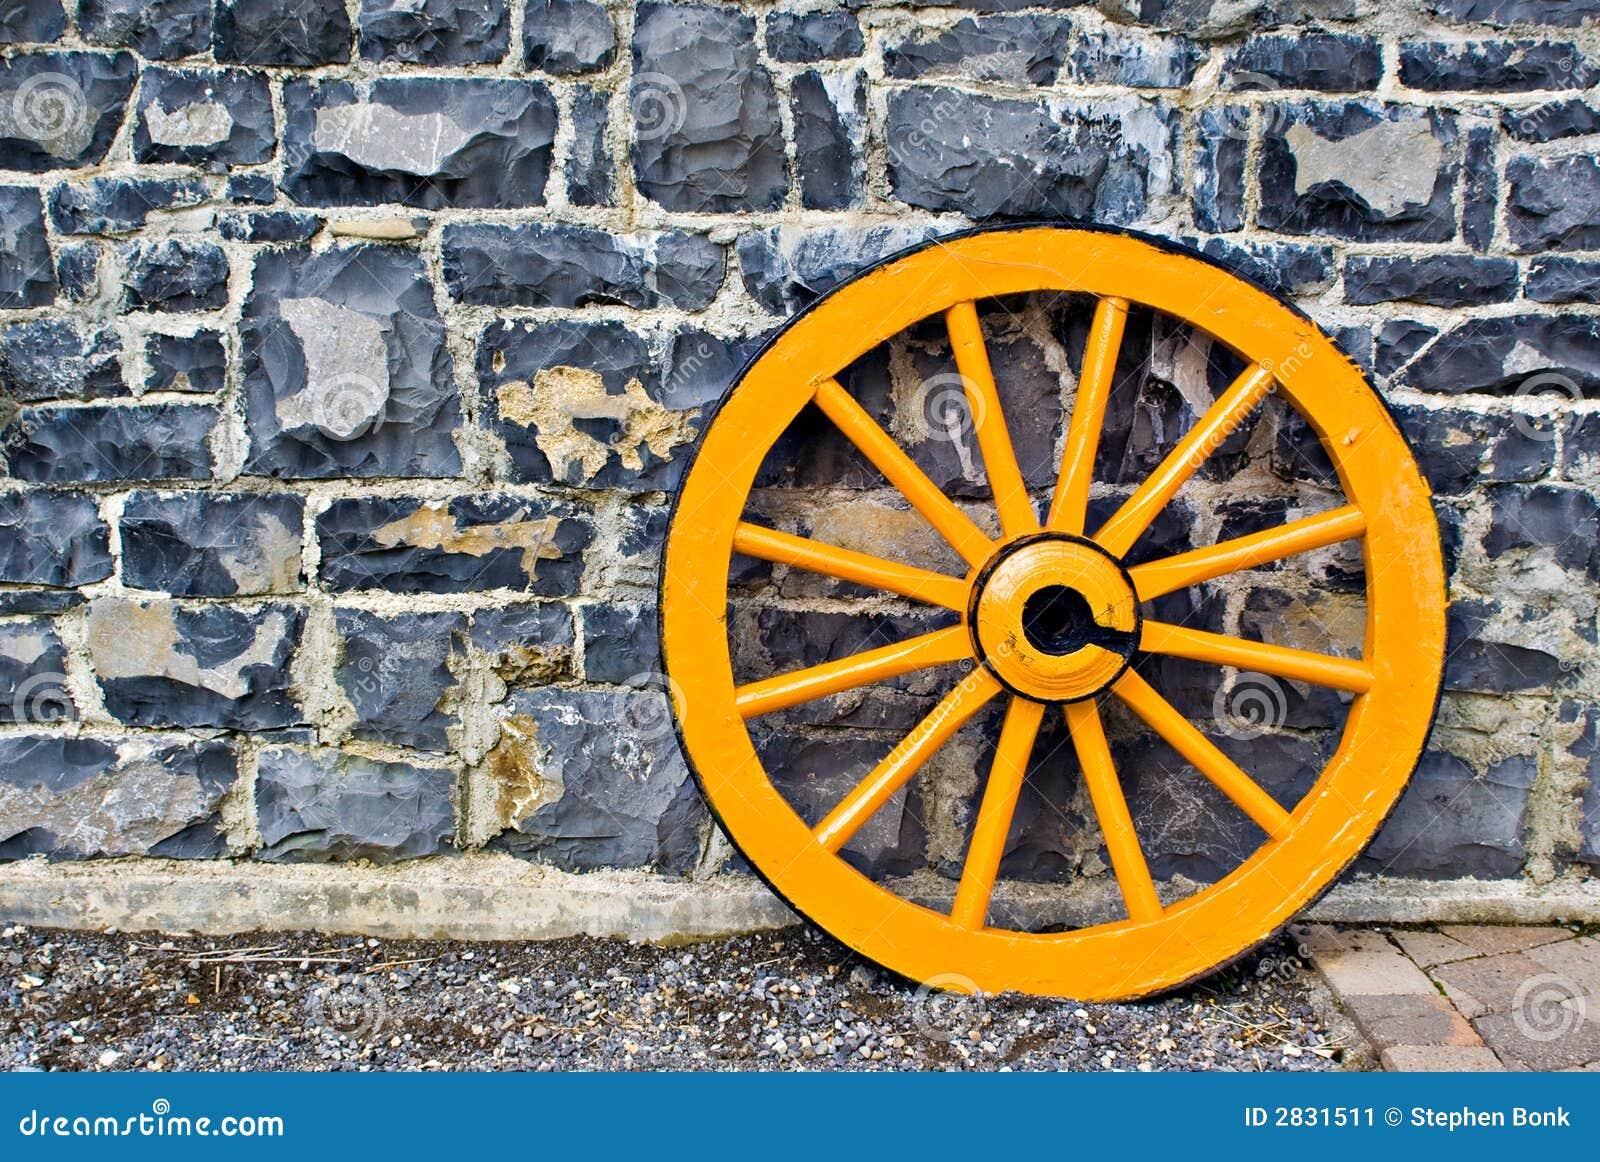 roue de chariot en bois image stock image du chariots. Black Bedroom Furniture Sets. Home Design Ideas